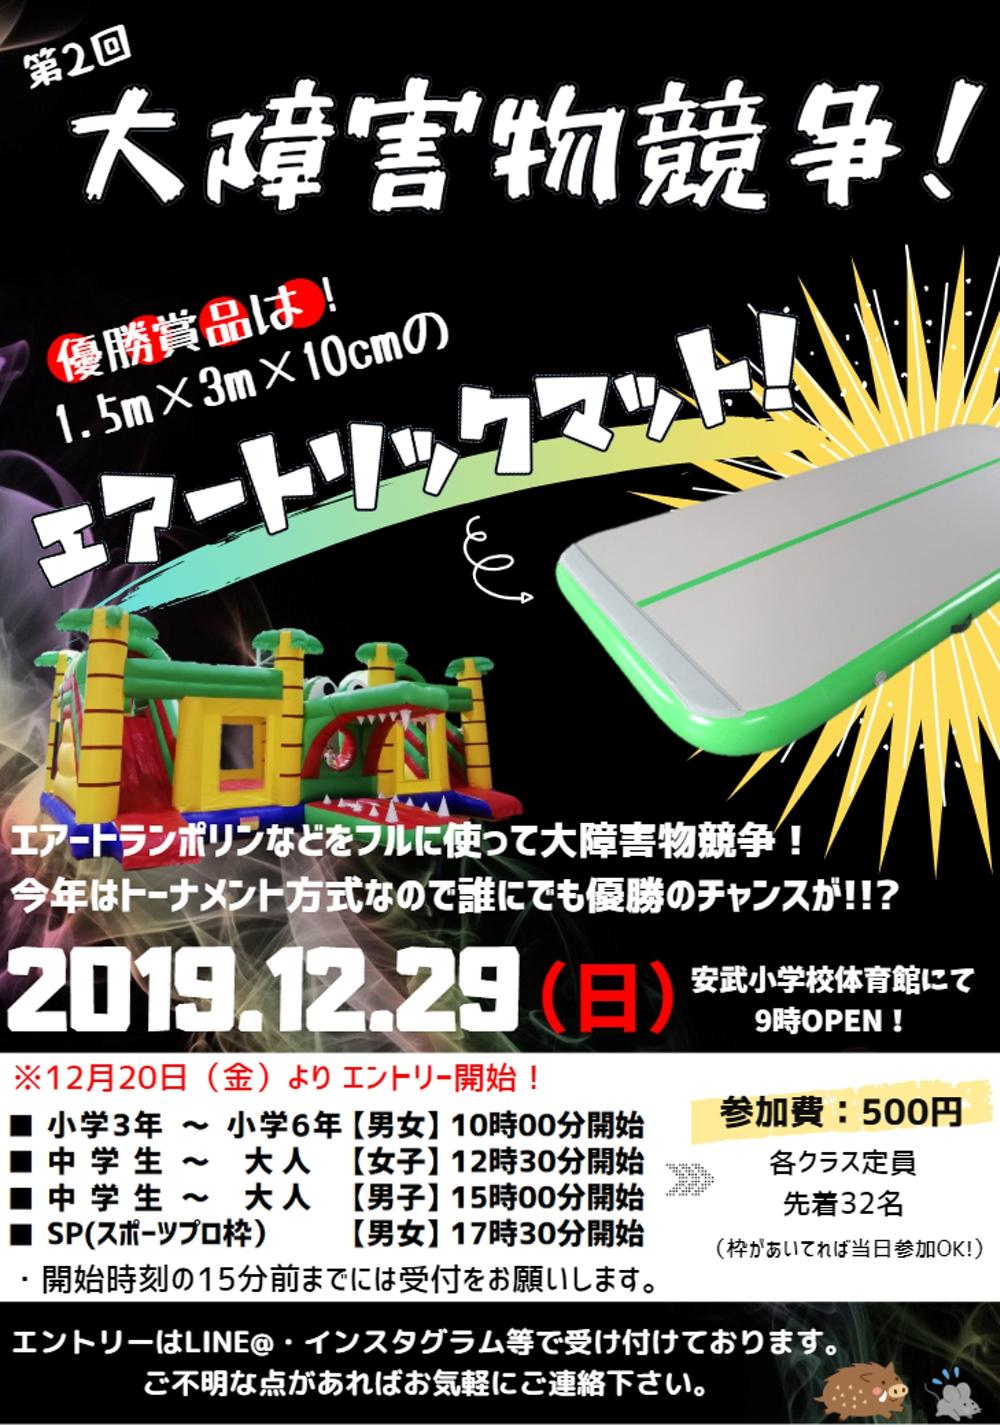 2019年12月29日「大障害物競争」開催!